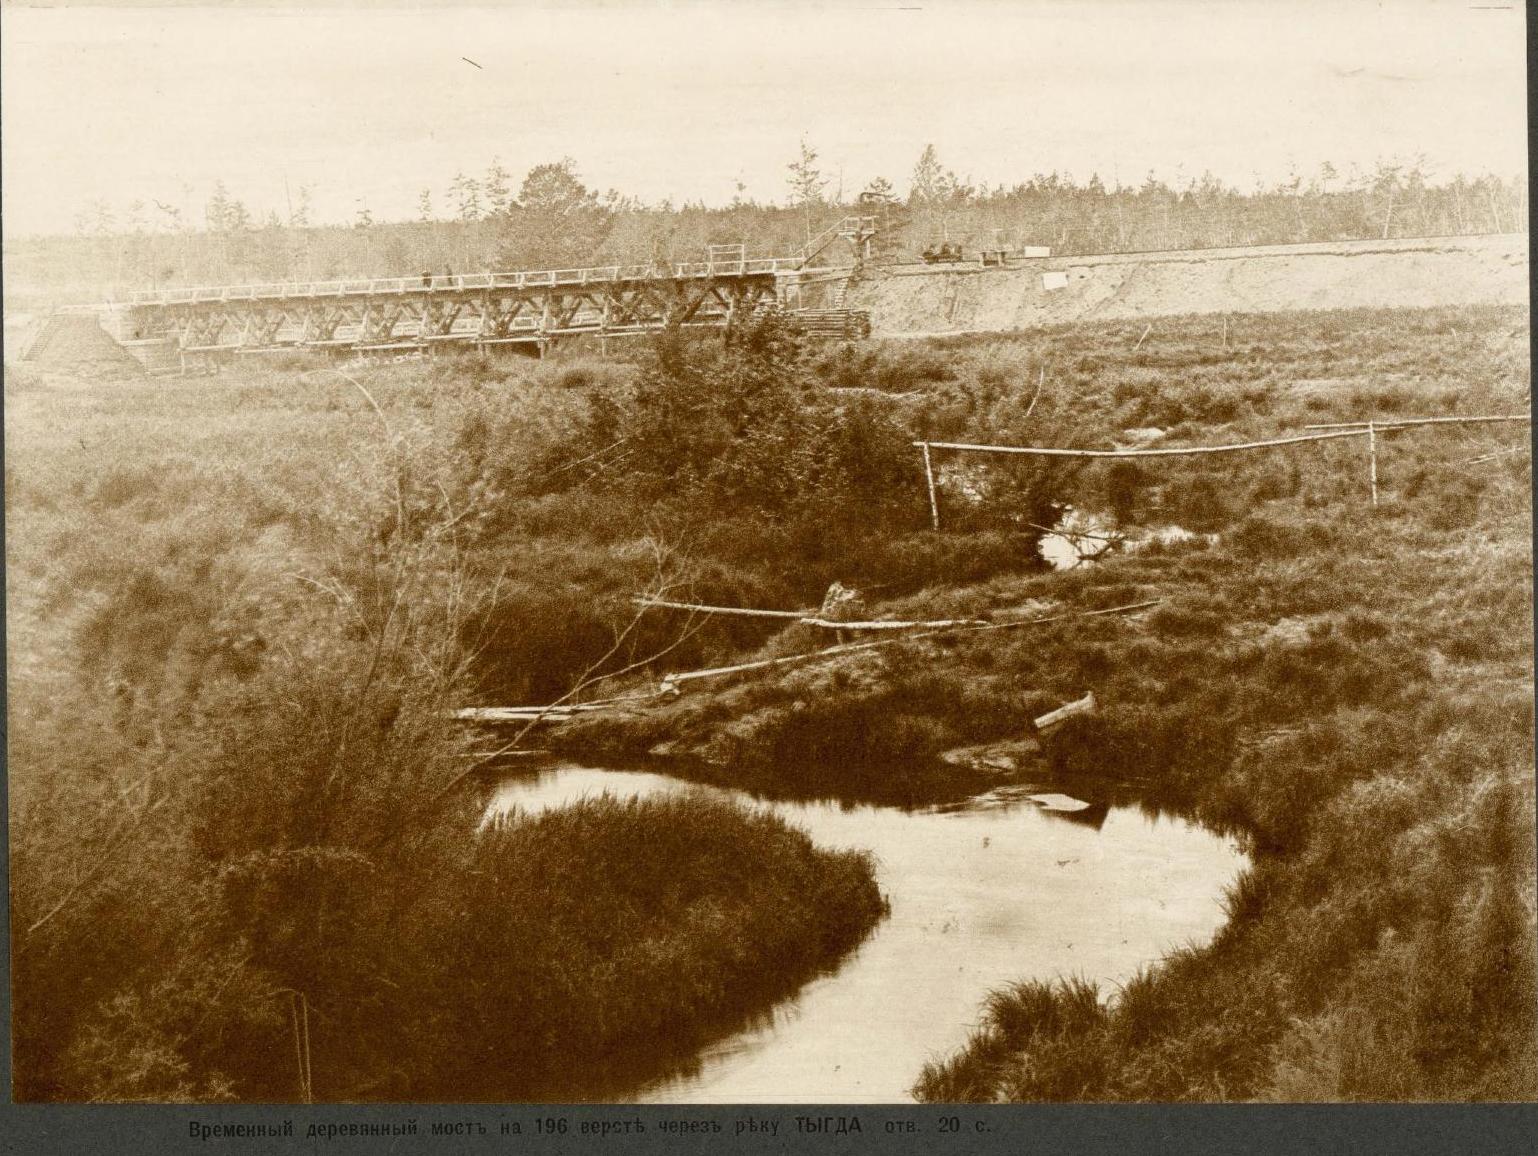 196 верста. Временный деревянный мост через реку Тыгда